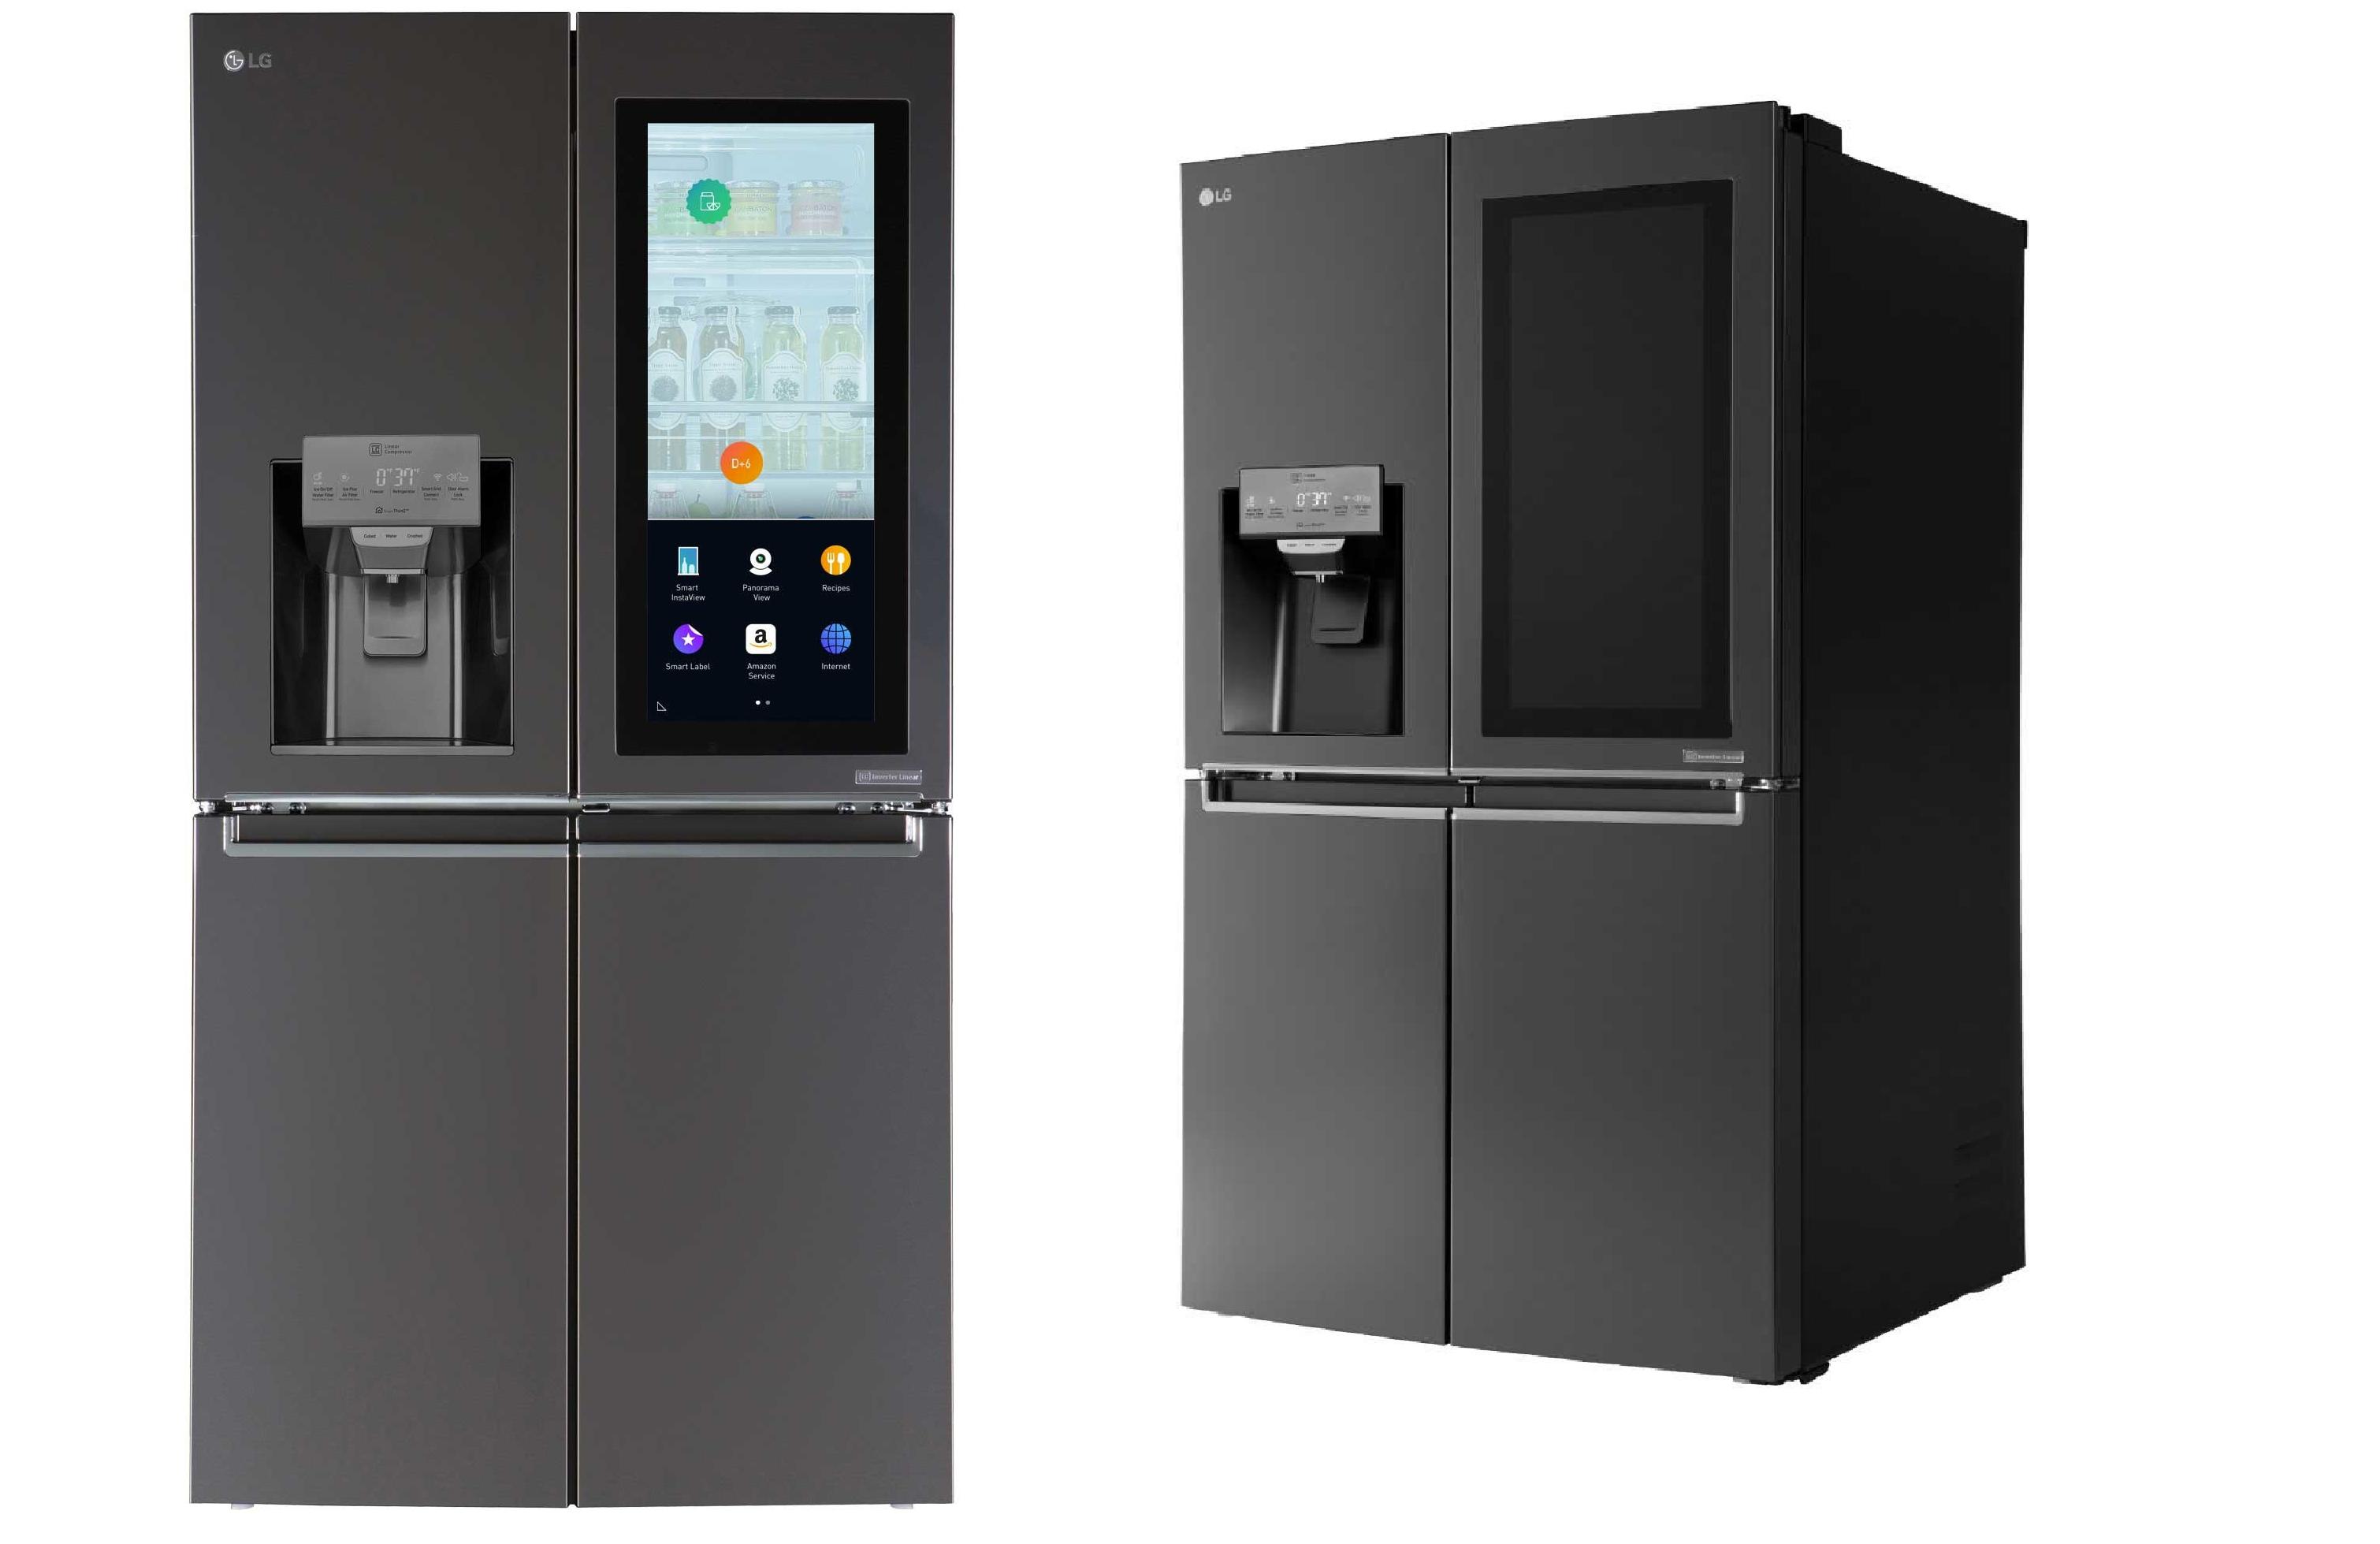 Así luce el nuevo refrigerador de LG